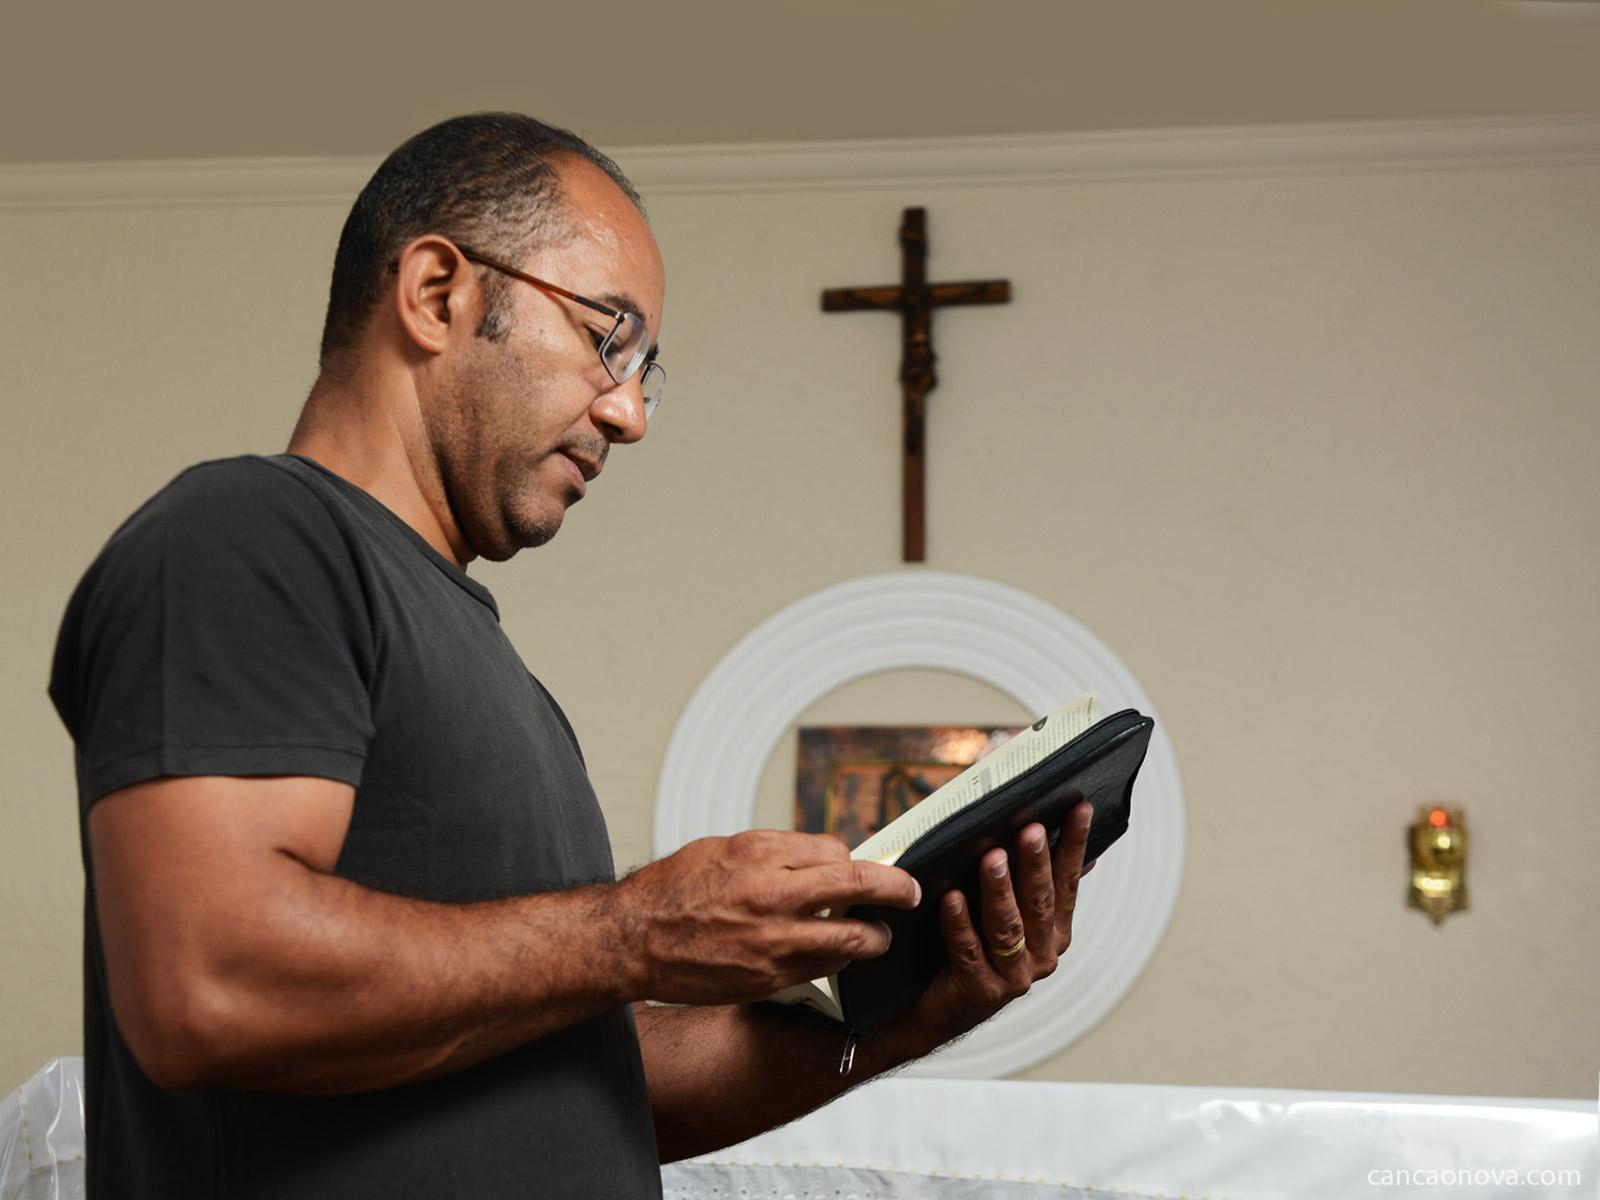 O Evangelho inspira os ensinamentos e os valores do cristão